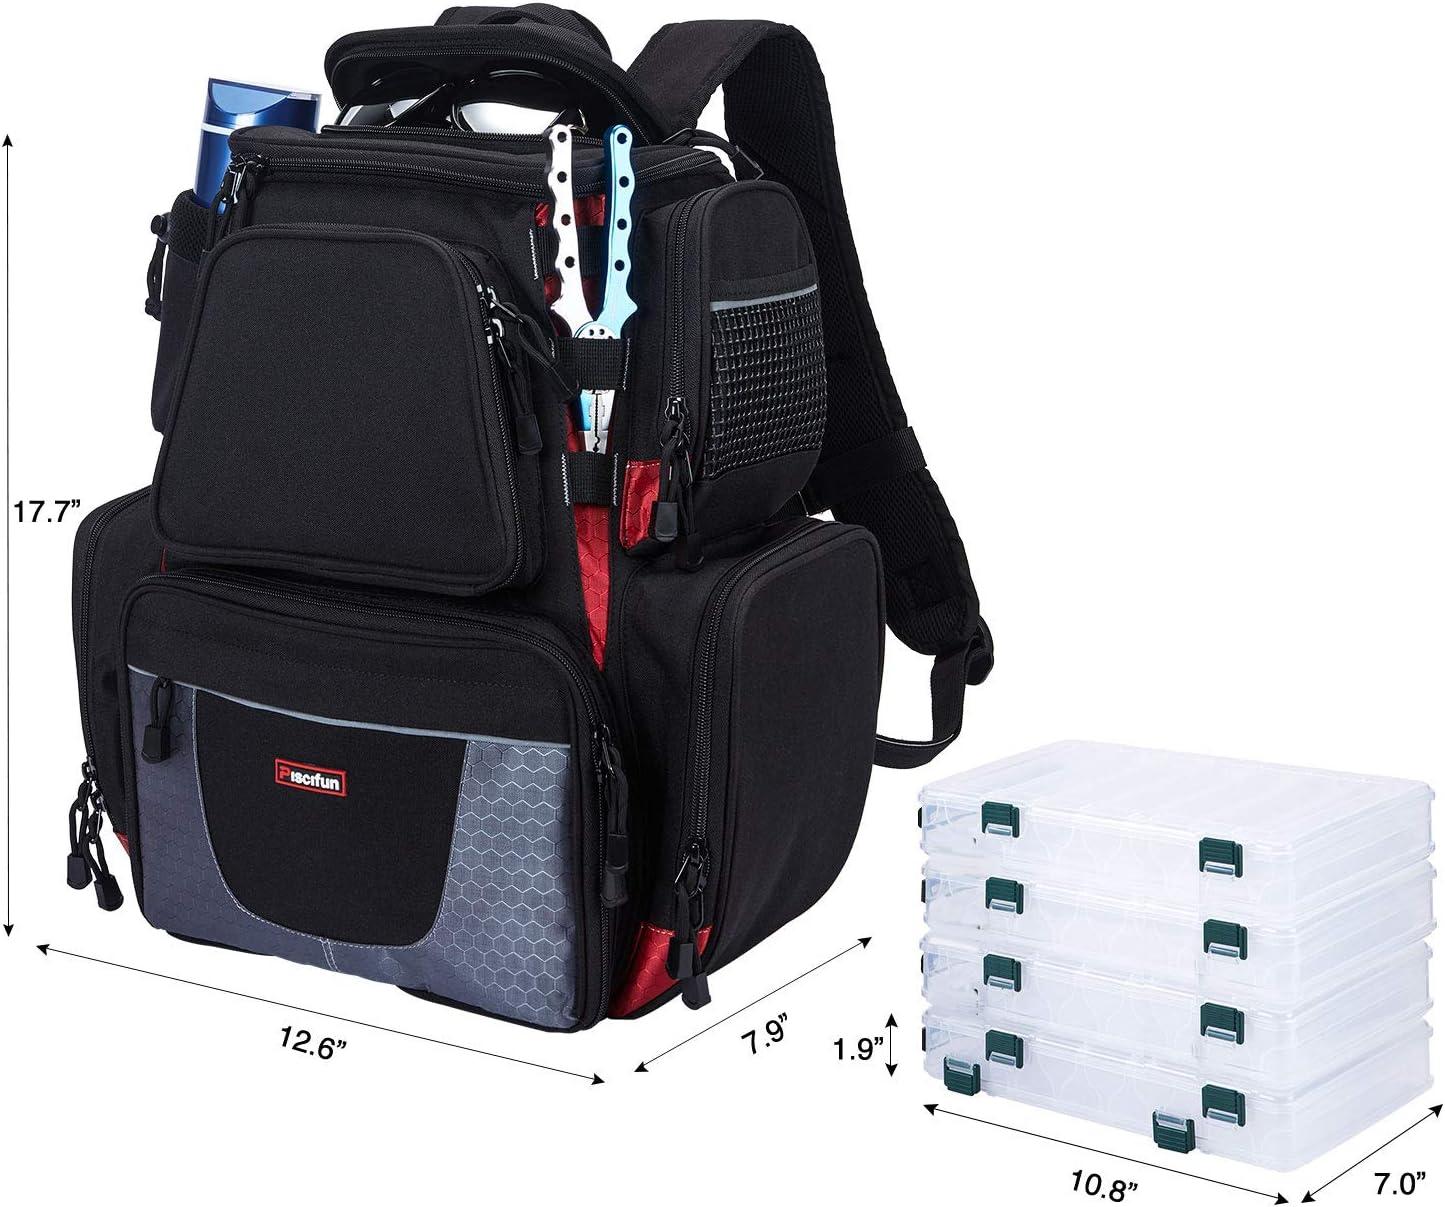 Piscifun Grand sac /à dos de p/êche /étanche avec housse de protection contre la pluie kaki, noir et camouflage